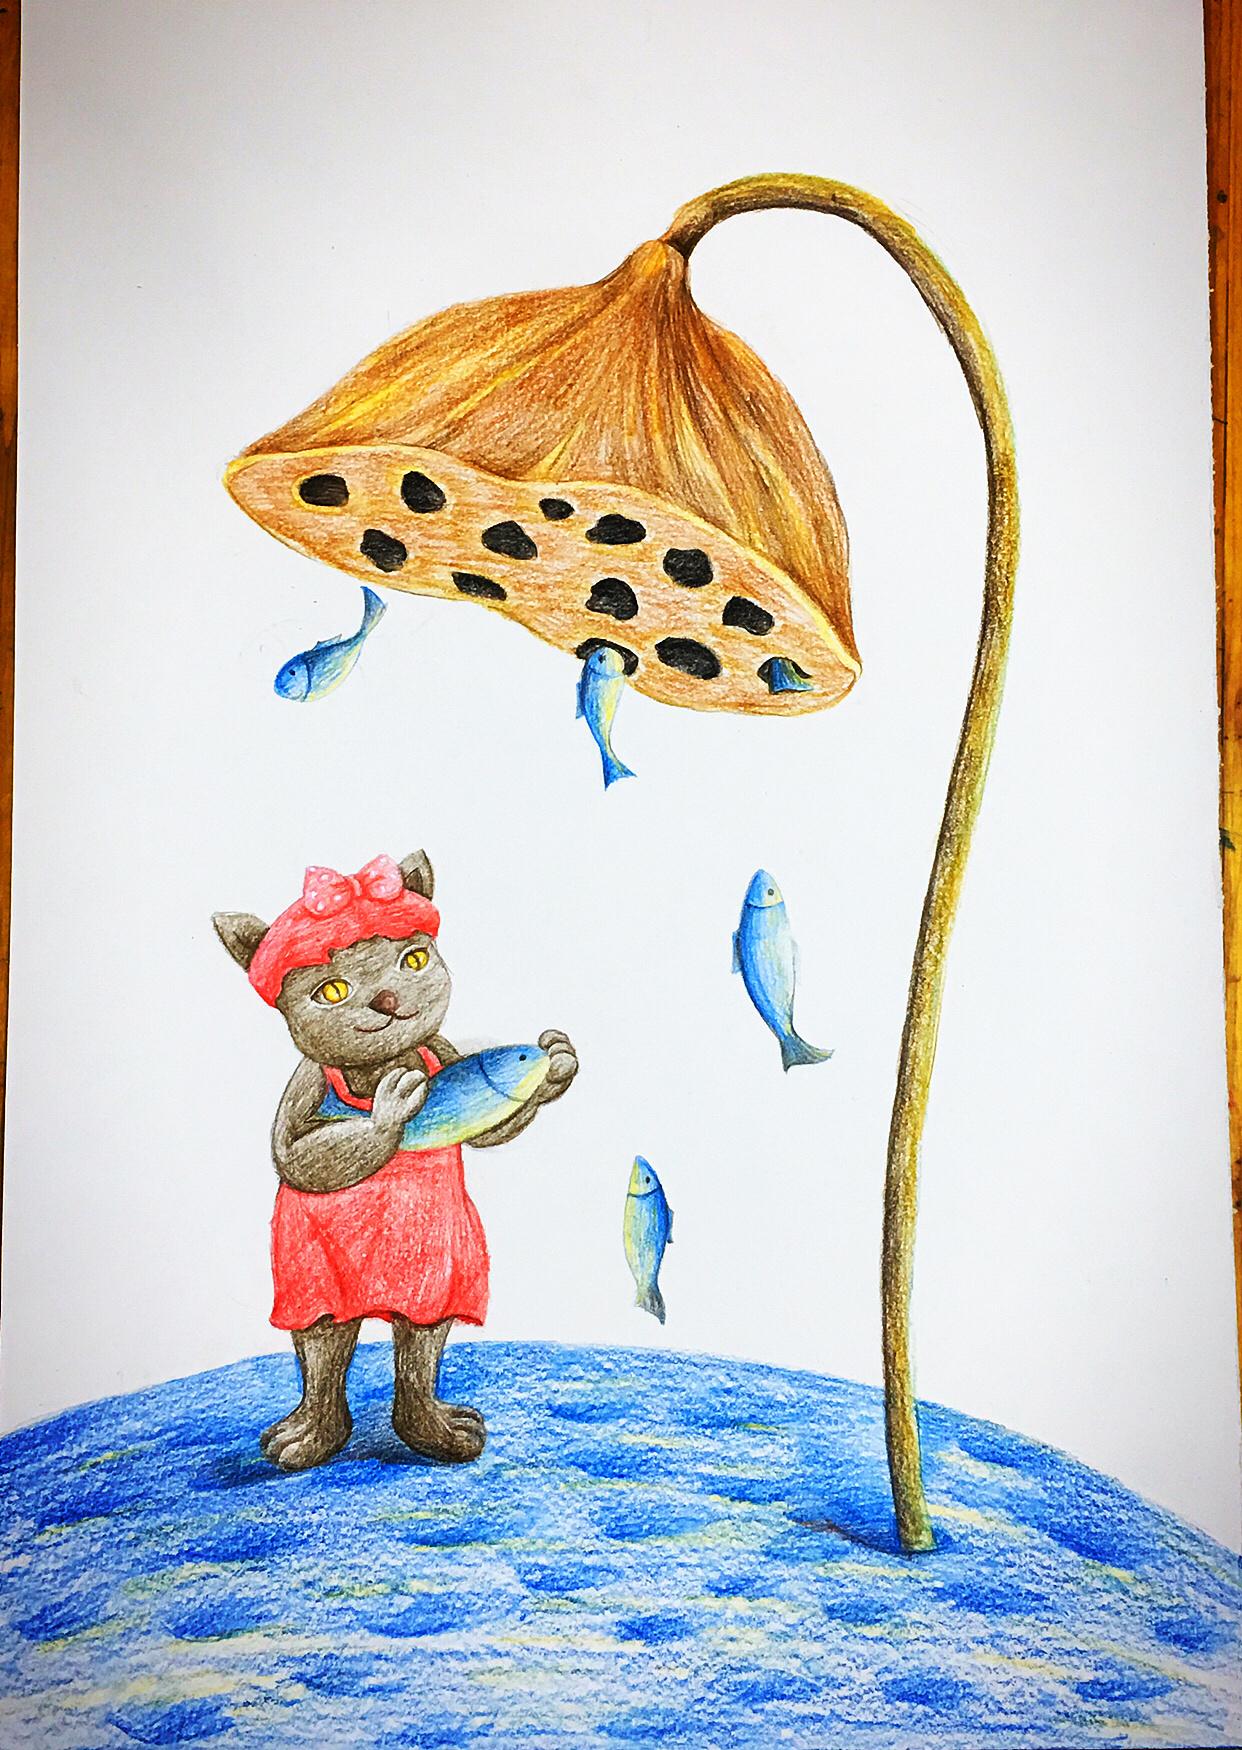 彩铅手绘鱼作品